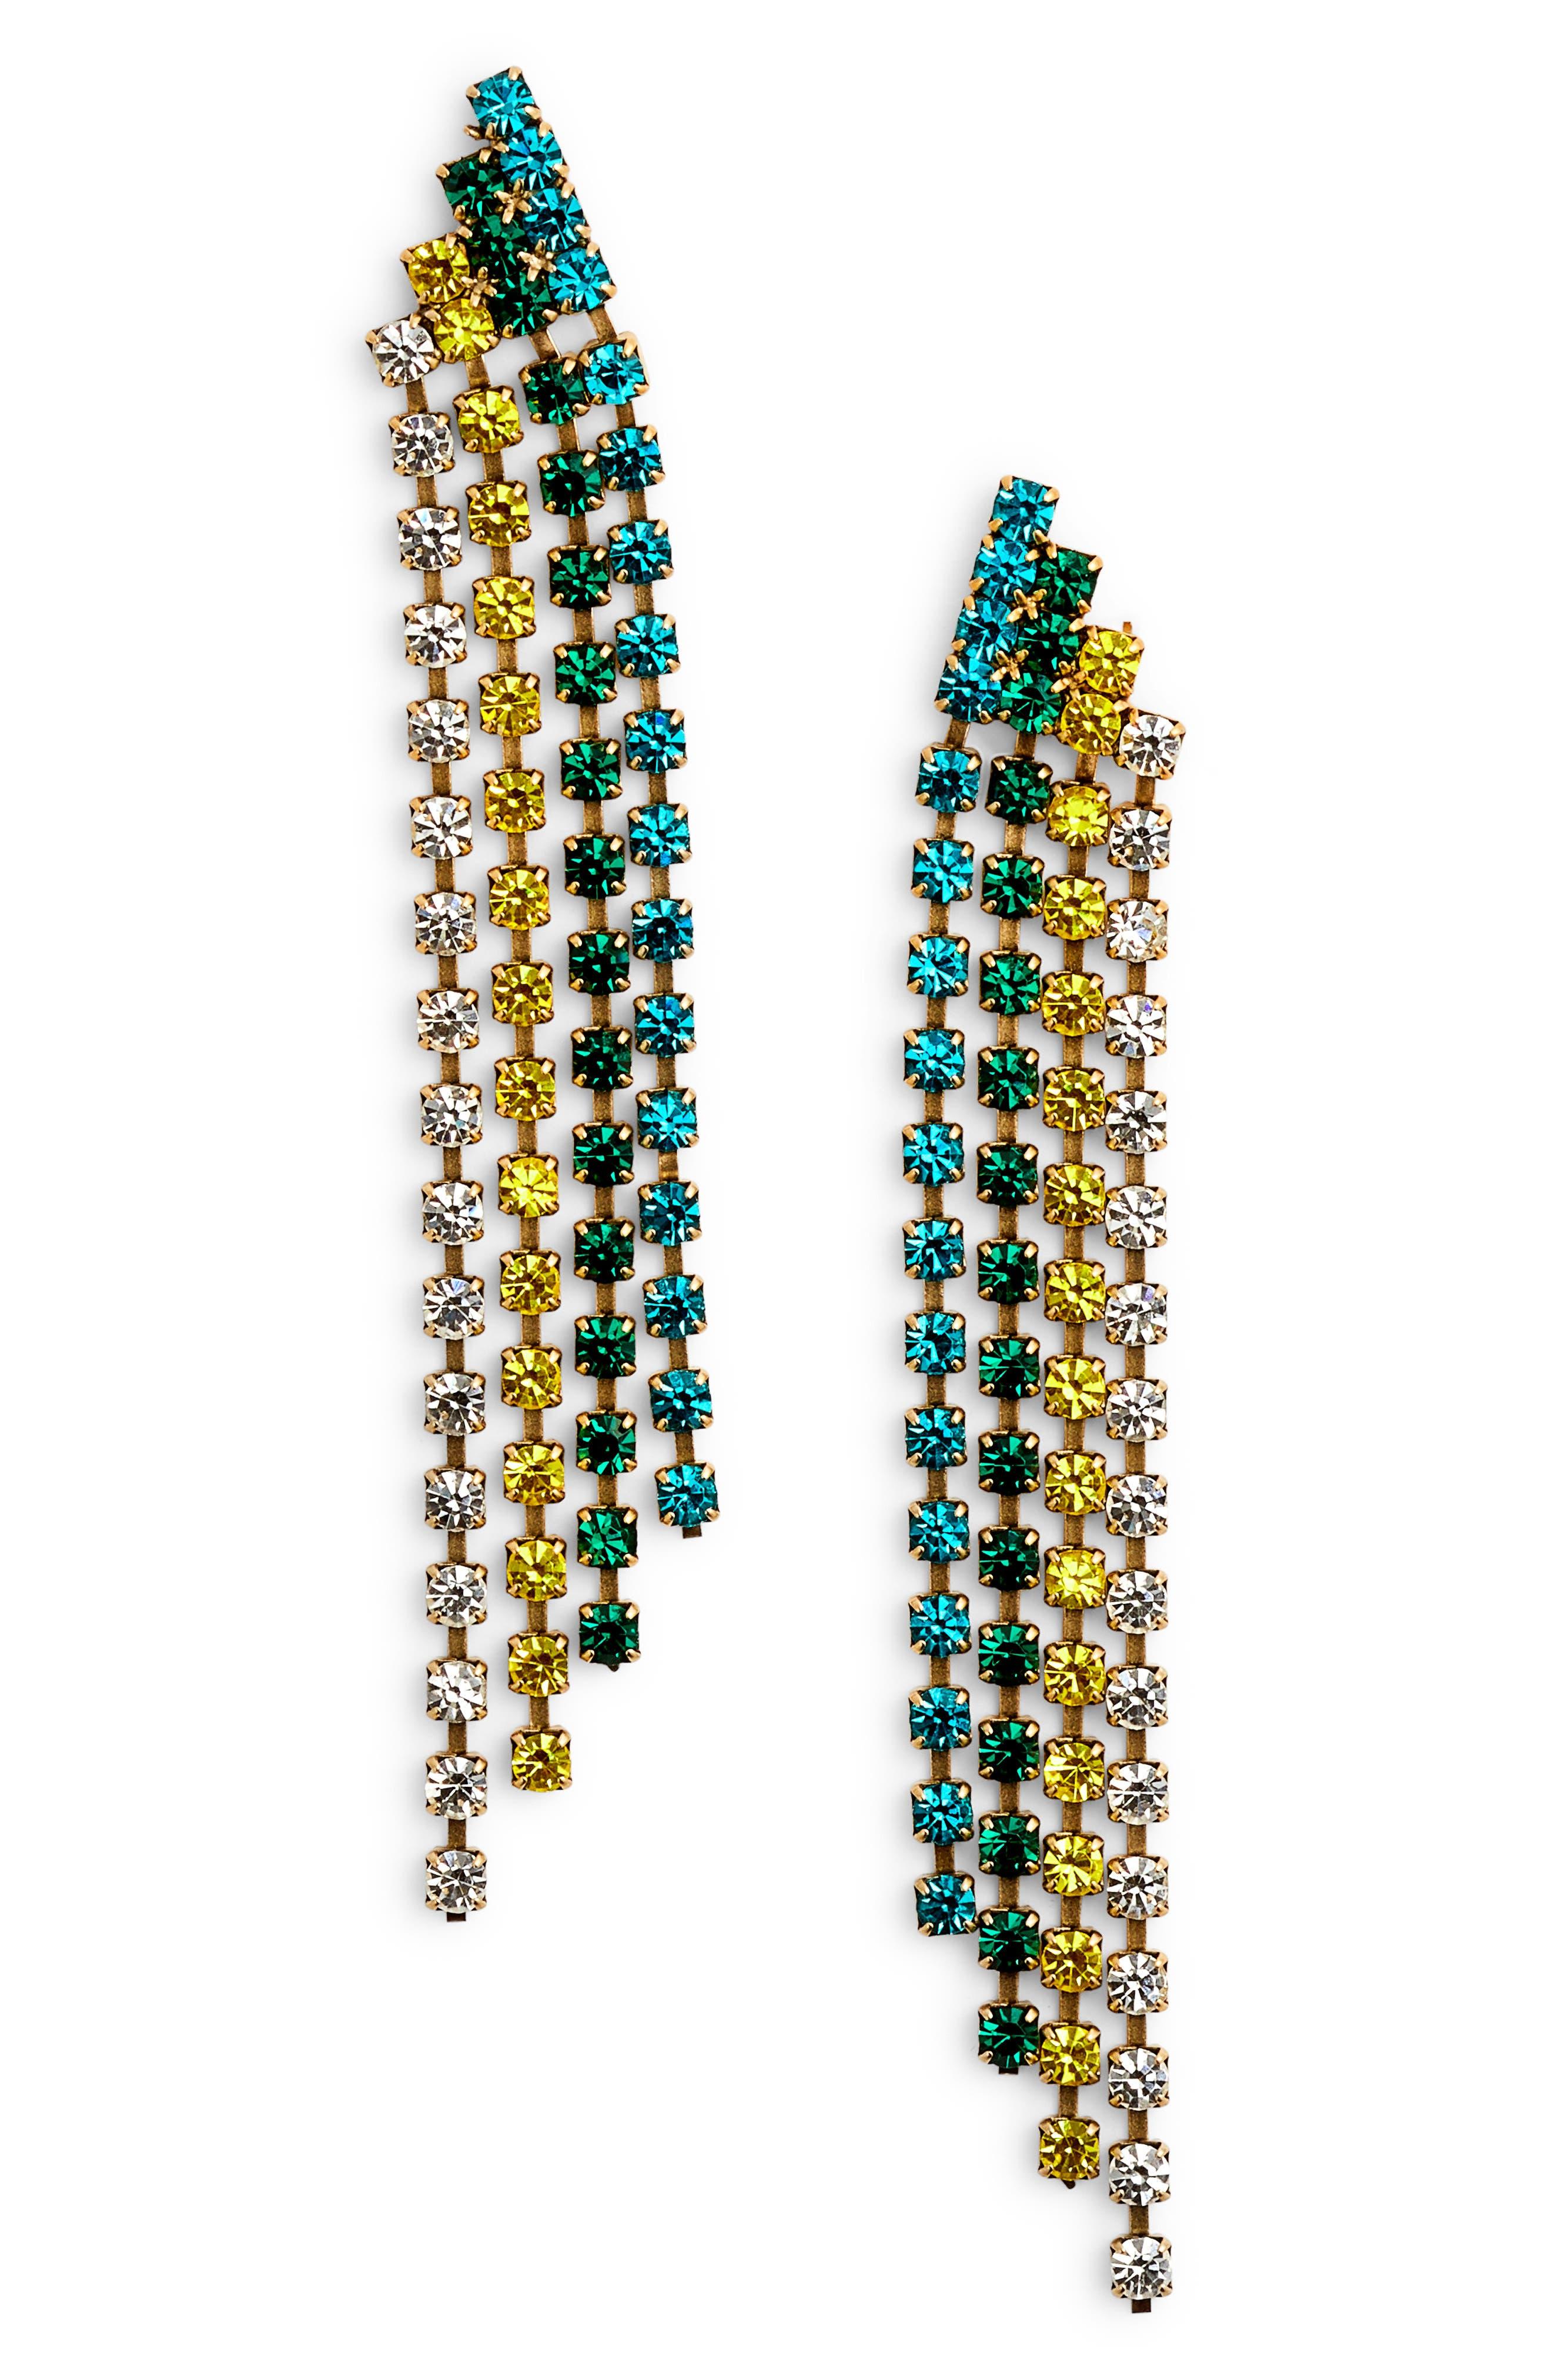 Marissa Drop Earrings,                             Main thumbnail 1, color,                             300